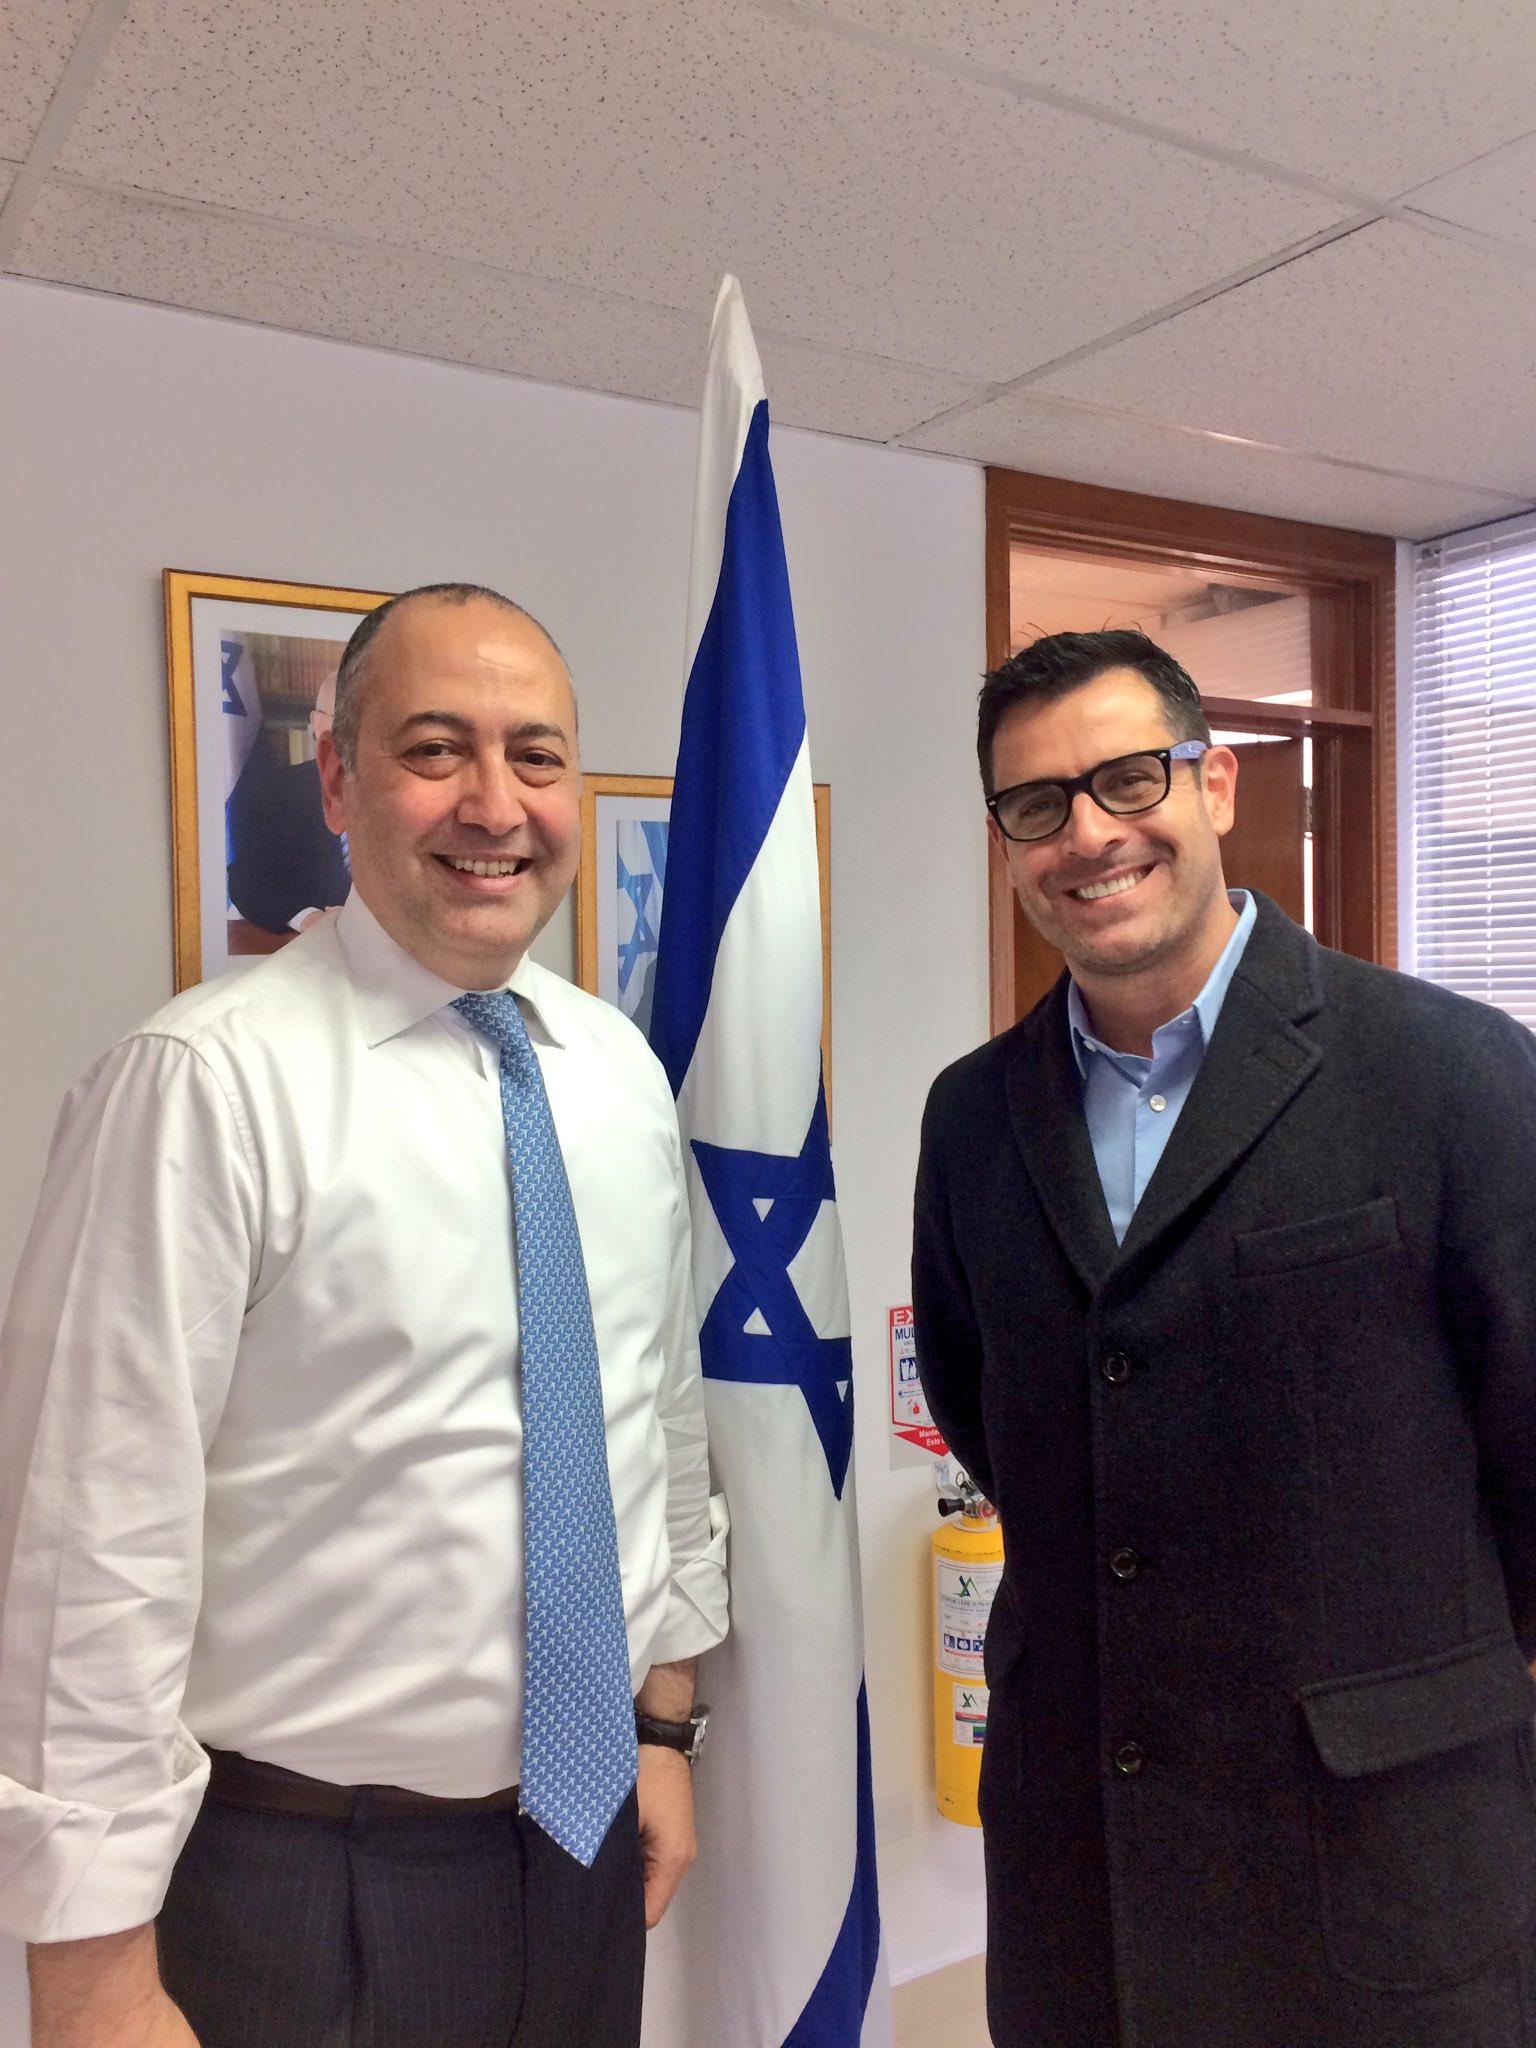 Embajador de #Israel🇮🇱 @MarcoCSermoneta se reunió con @NovoaRafaell para hablar temas de cooperación cultural https://t.co/BIfa47Hlwi